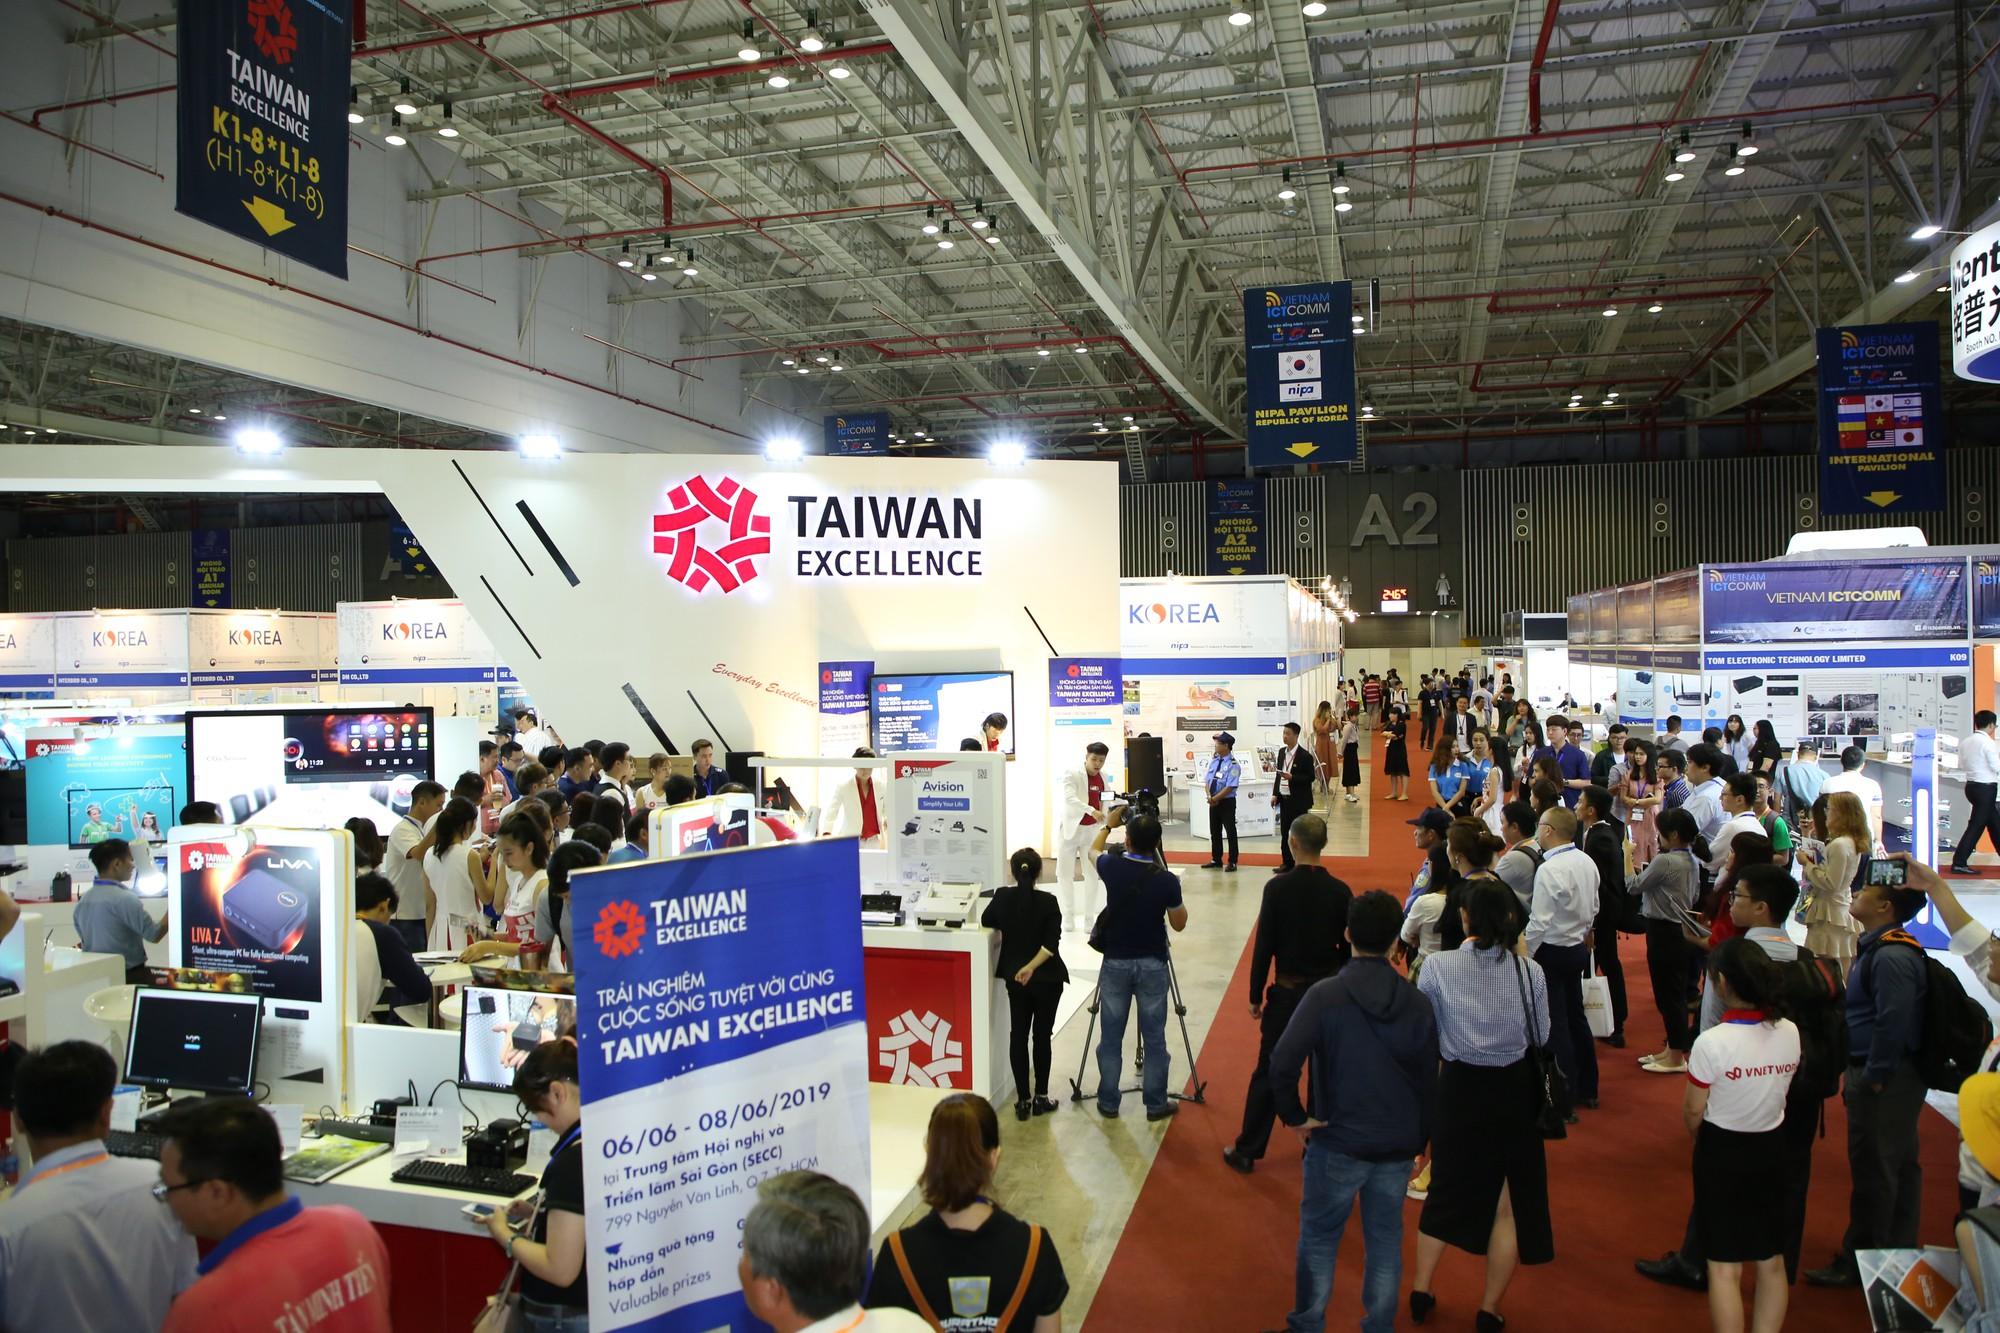 Taiwan Excellence: Biểu tượng cho một kỷ nguyên công nghệ mới tại Đài Loan - Ảnh 12.